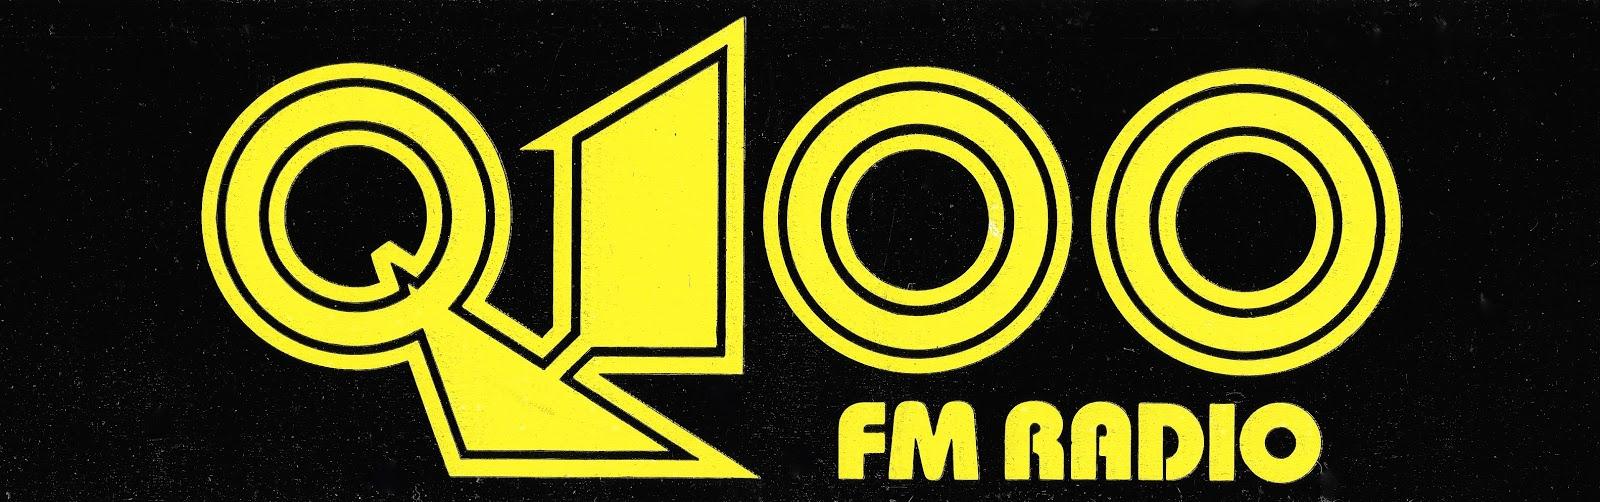 WODE-FM